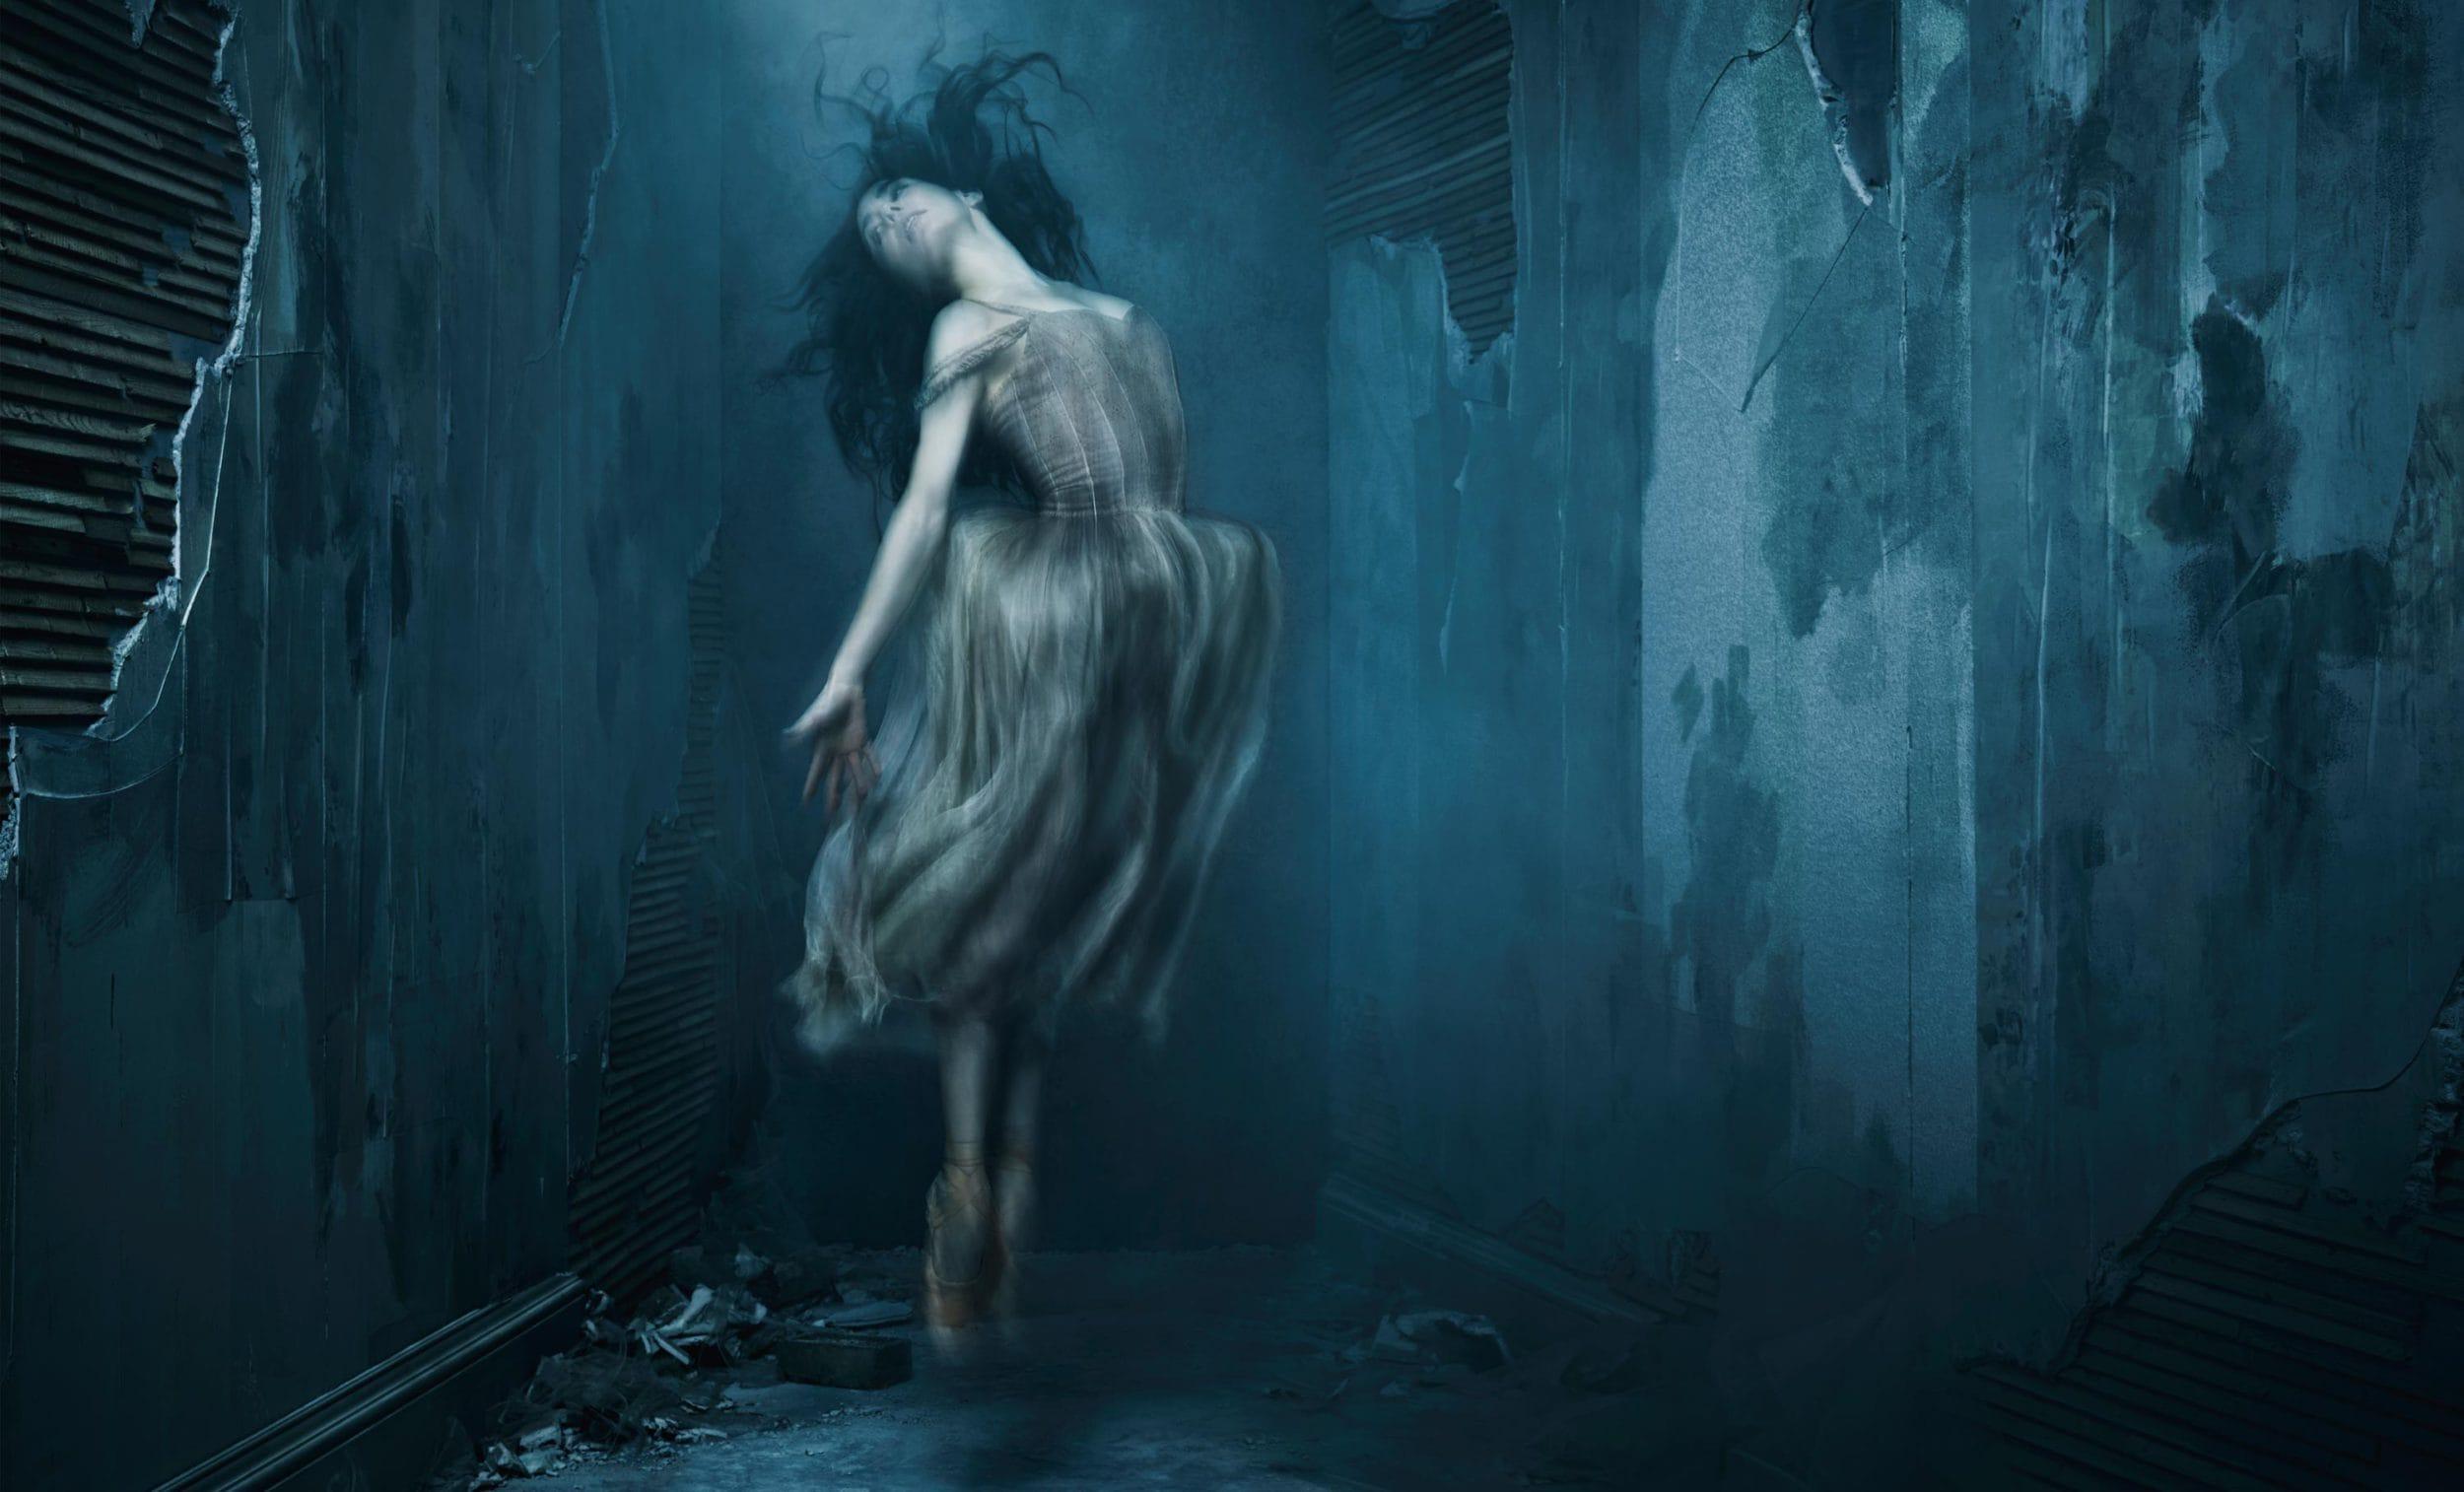 https://www.ballet.org.uk/wp-content/uploads/2017/01/English-National-Ballet-Giselle-by-Akram-Khan-Tamara-Rojo-c-Jason-Bell-Akram-Khan%E2%80%99s-Giselle-%C2%A9-Jason-Bell-Art-Direction-and-Design-by-Charlotte-Wilkinson-Studio-2500x1514.jpg